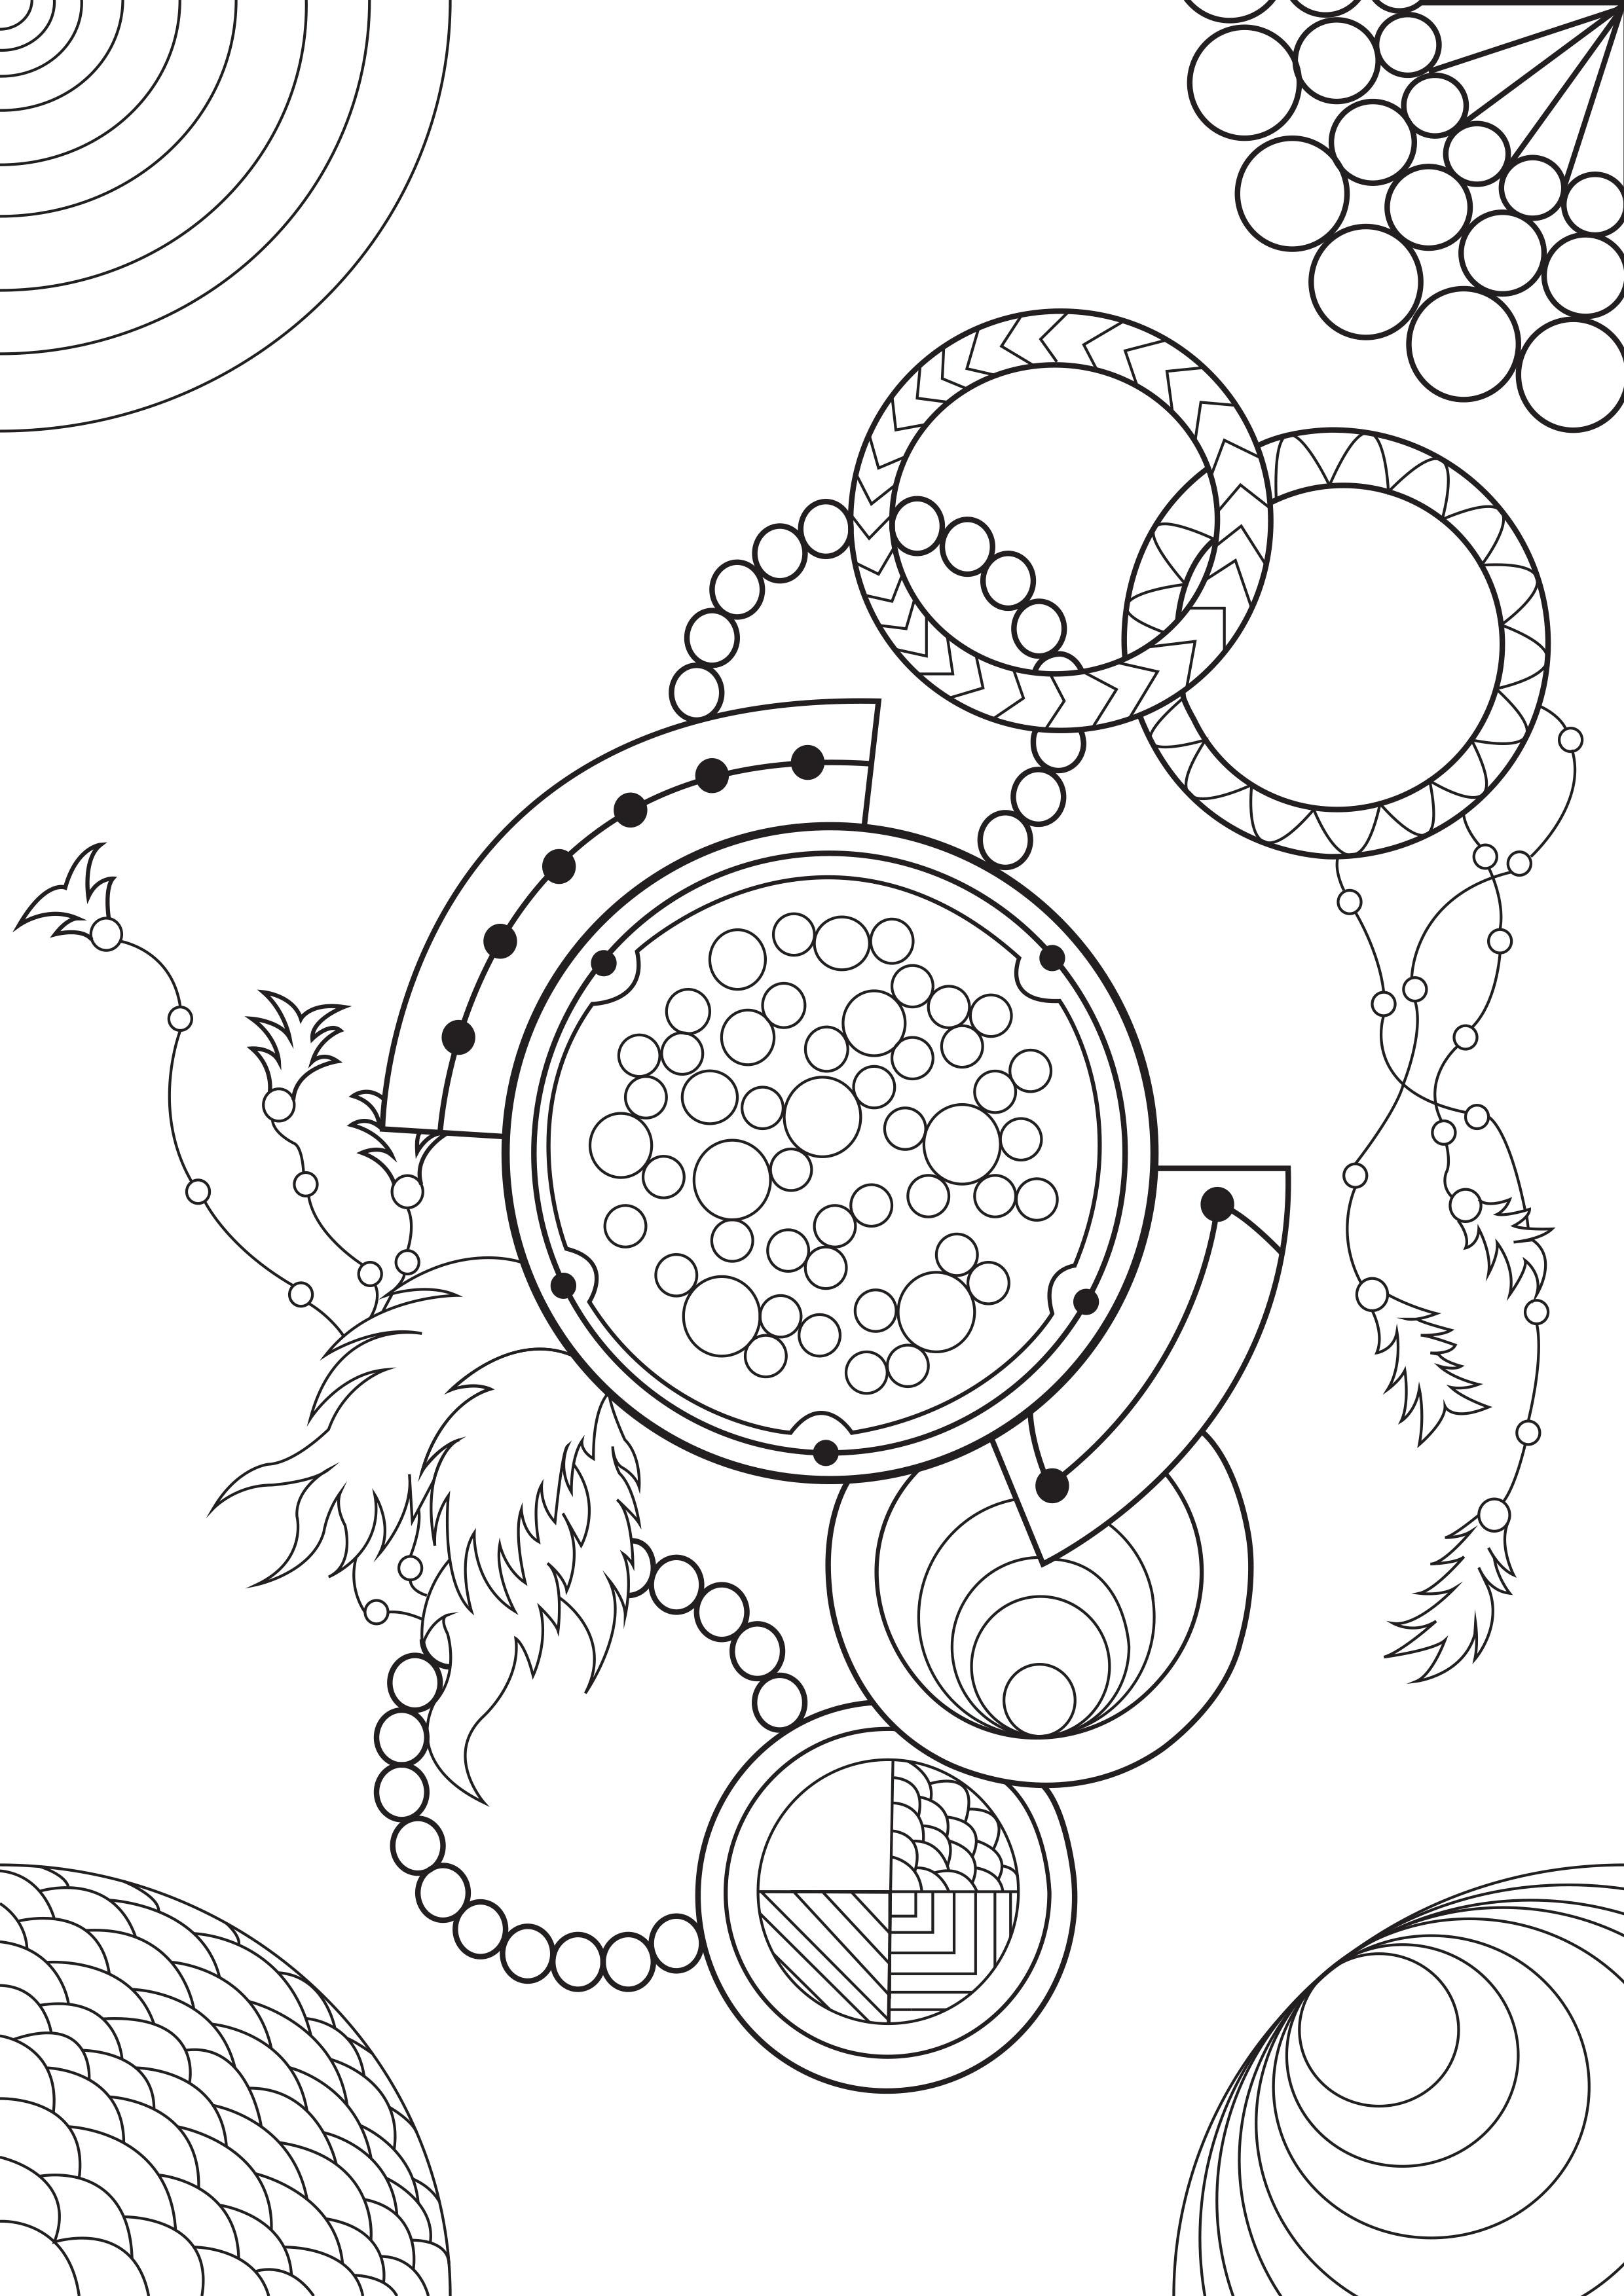 Voici un coloriage très relaxant, mixant Mandalas, Dreamcatchers et motifs abstraits.